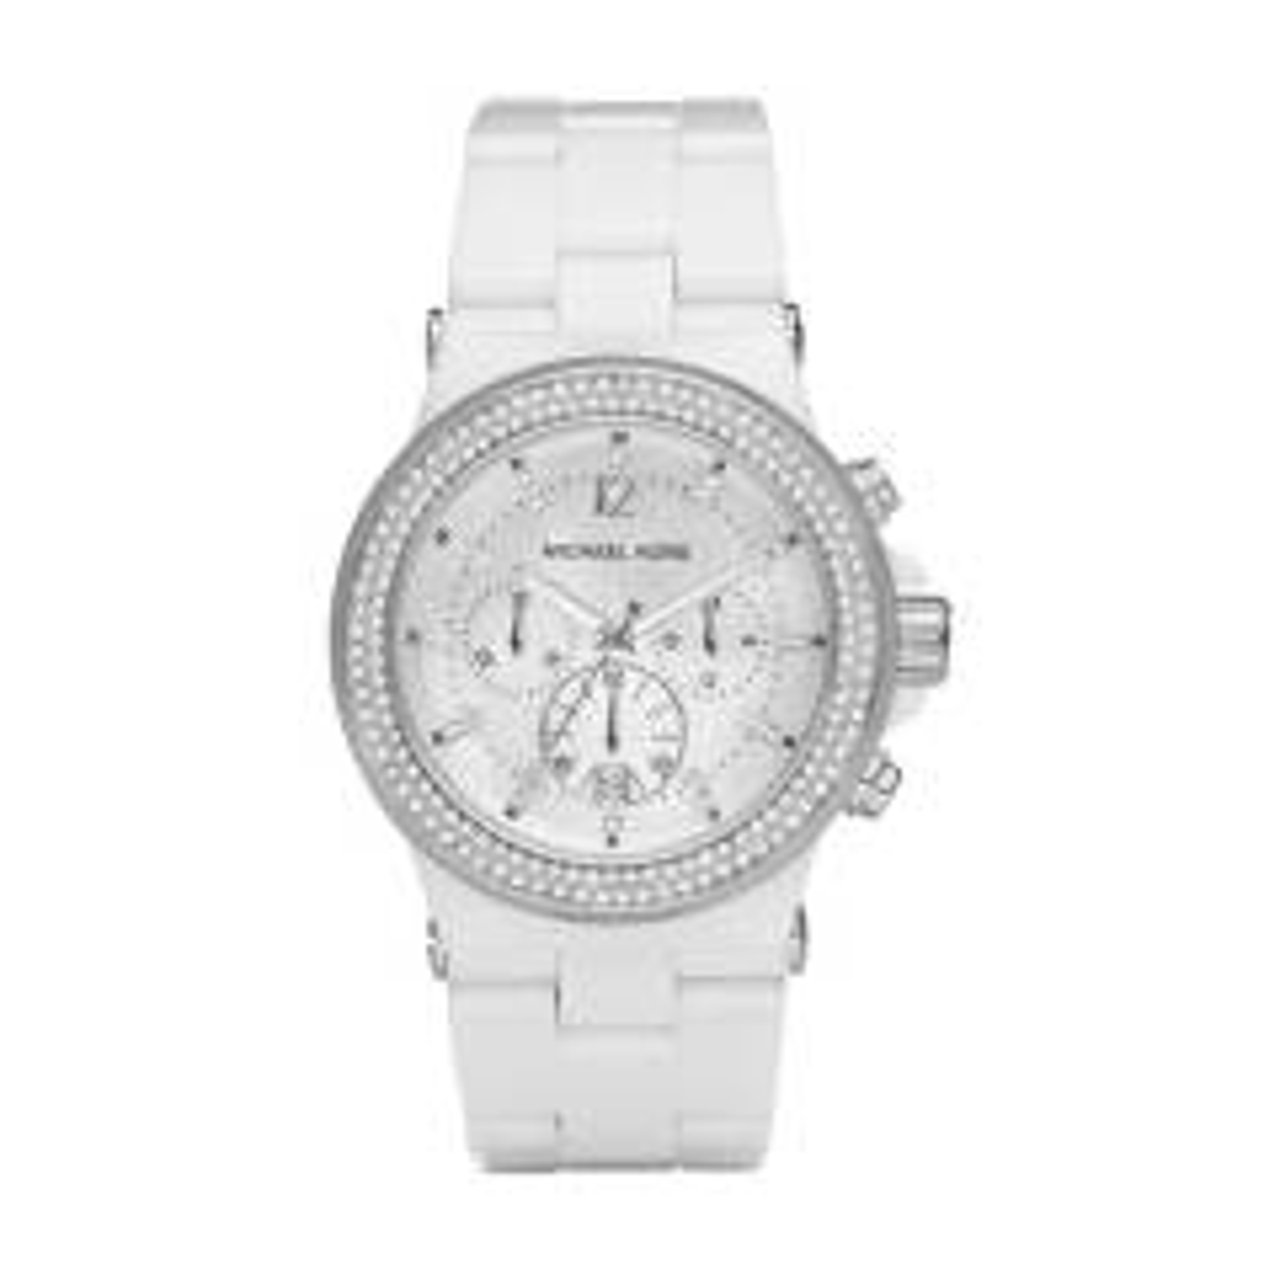 ساعت مچی عقربه ای زنانه مایکل کورس مدل MK5391 51